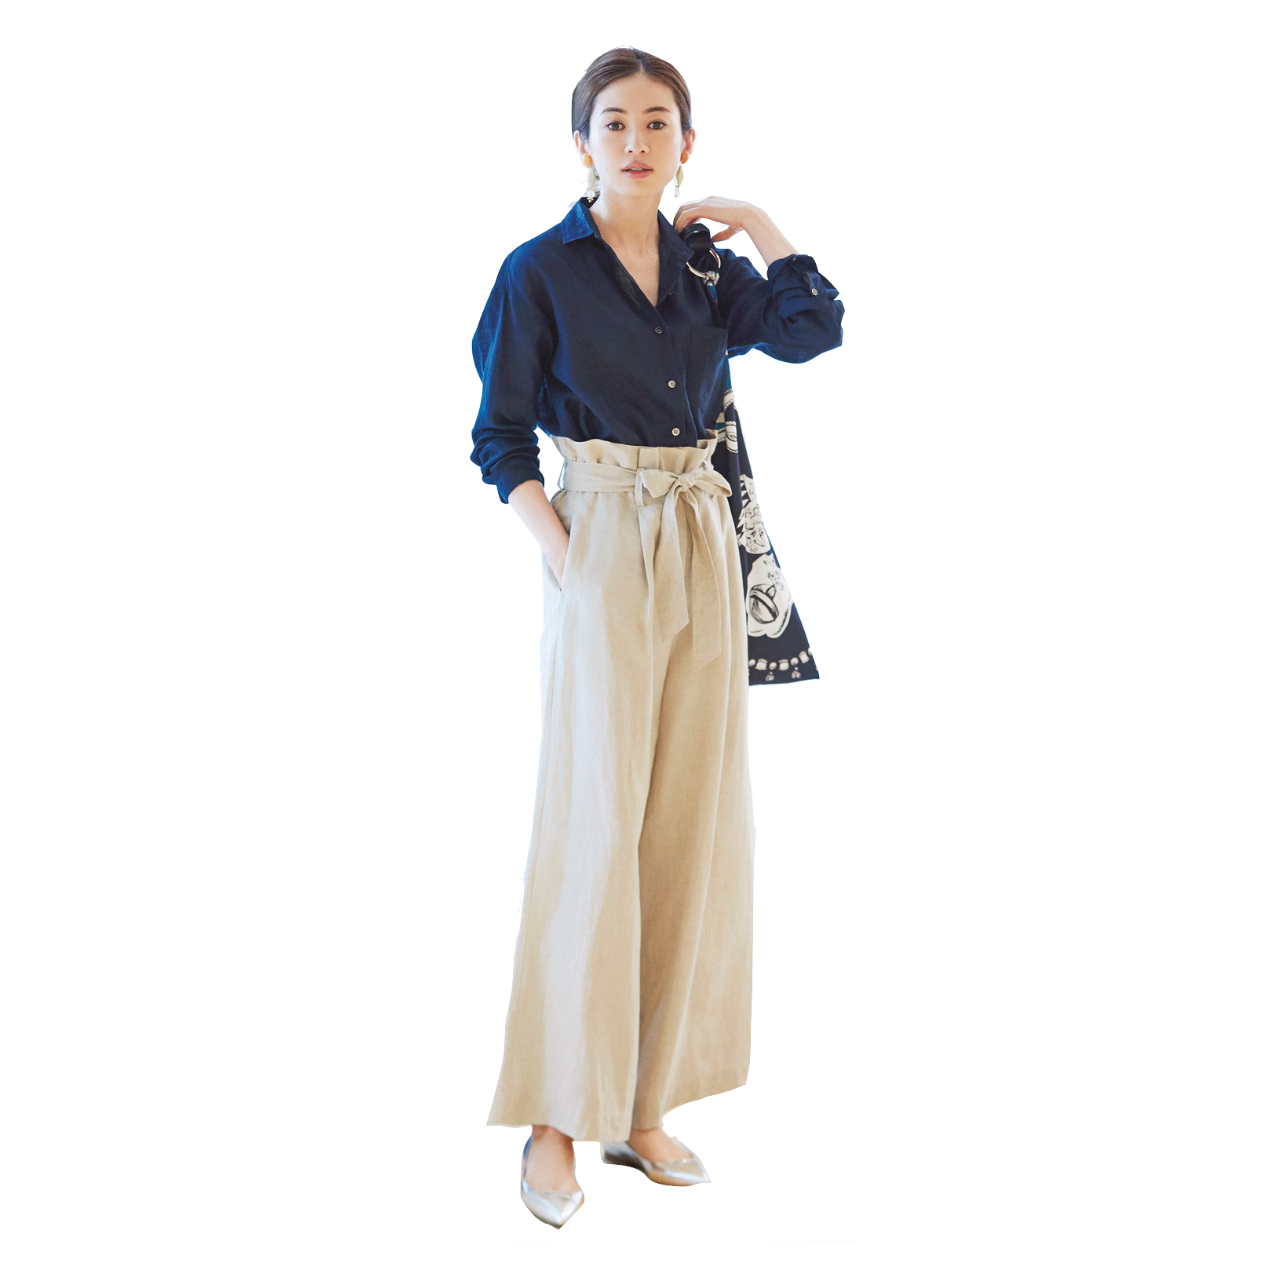 ネイビーシャツ×ベージュパンツのファッションコーデ